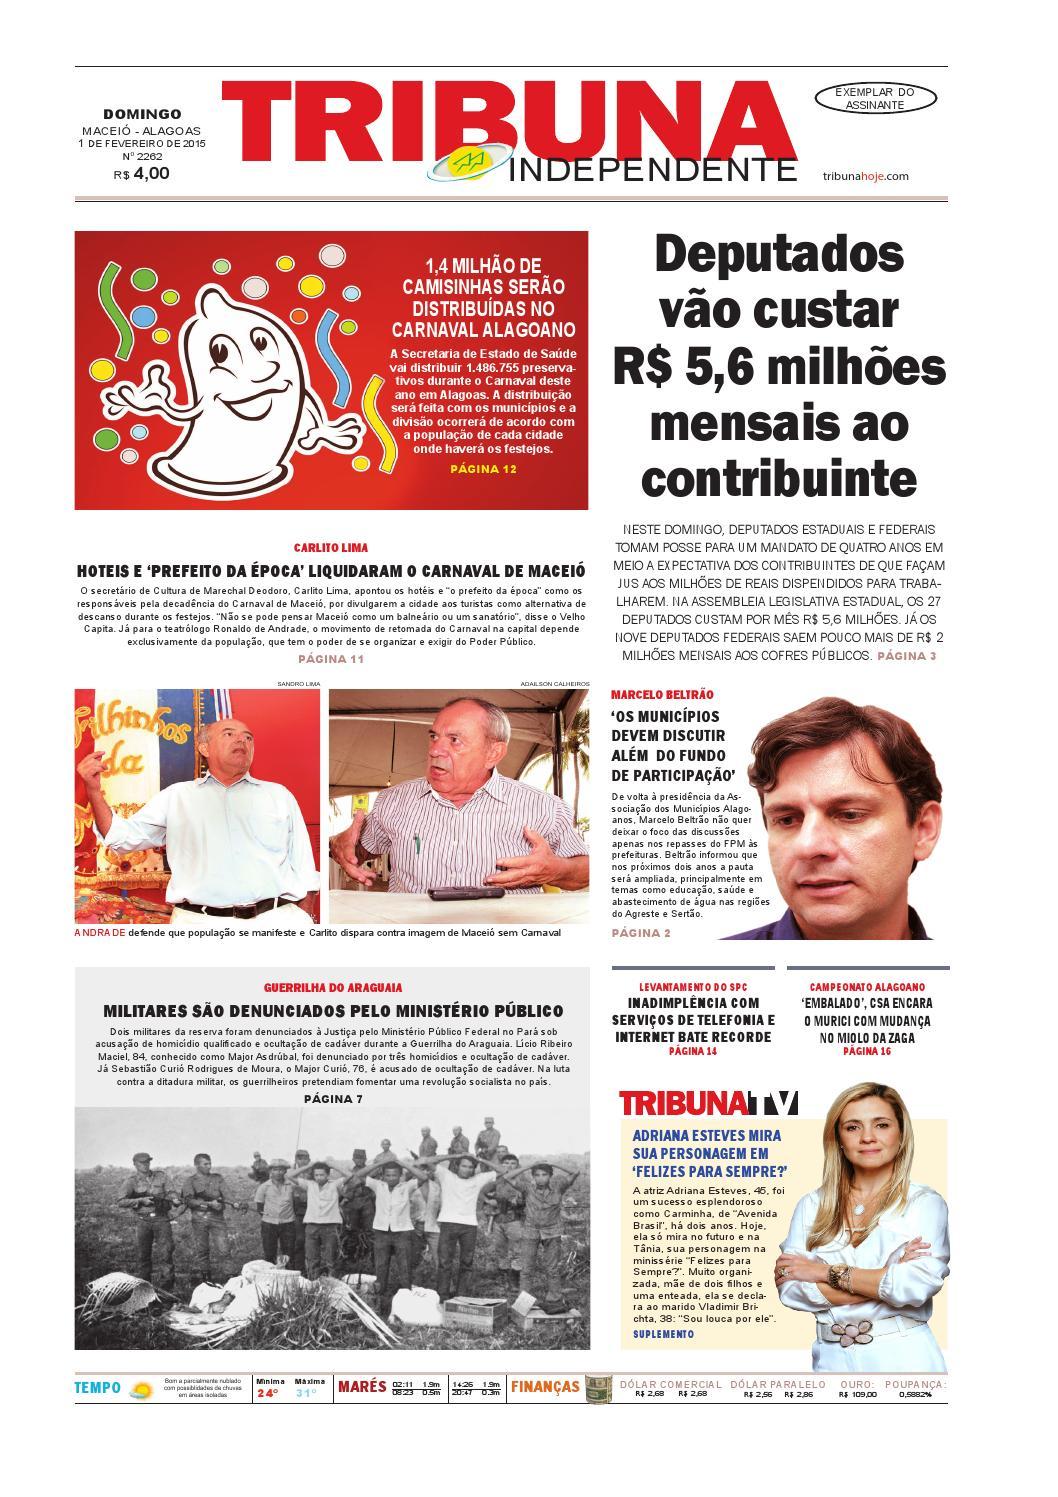 3d959c09527 Edição número 2262 - 1 de fevereiro de 2015 by Tribuna Hoje - issuu